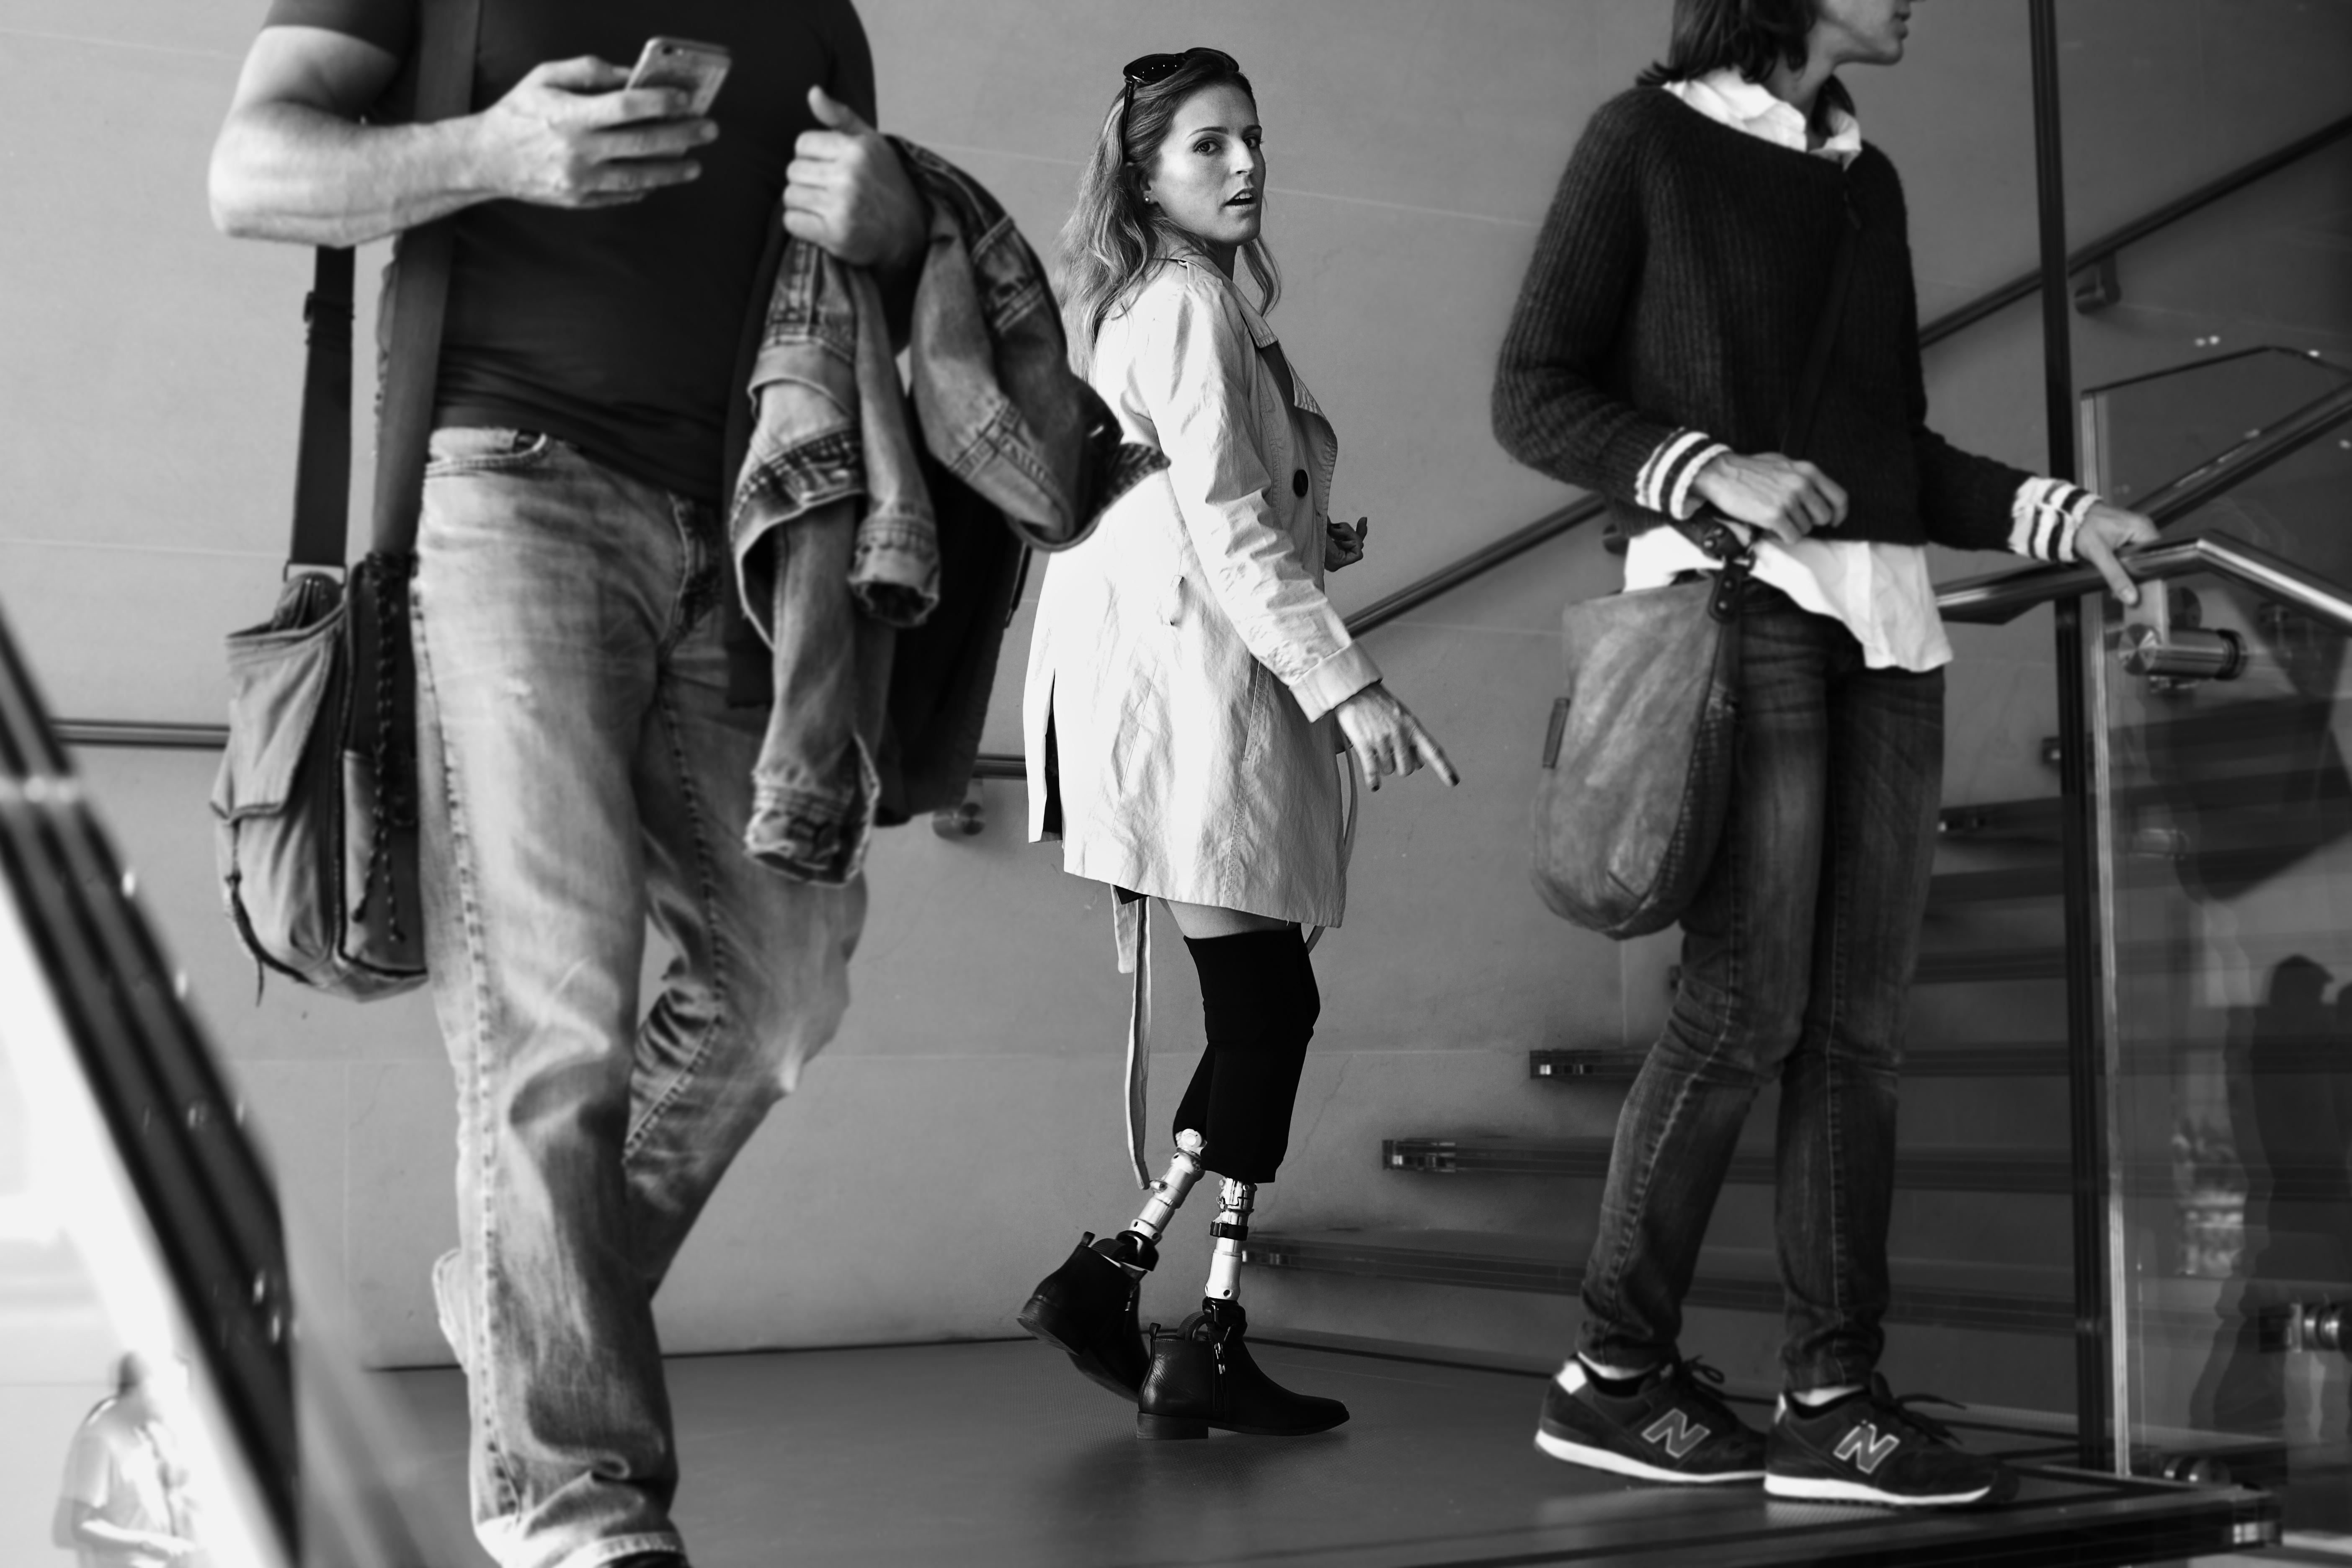 La imagen 'Pies de foto' gana el XIV Concurso de Fotografía Digital 'Las personas con discapacidad en la vida cotidiana'